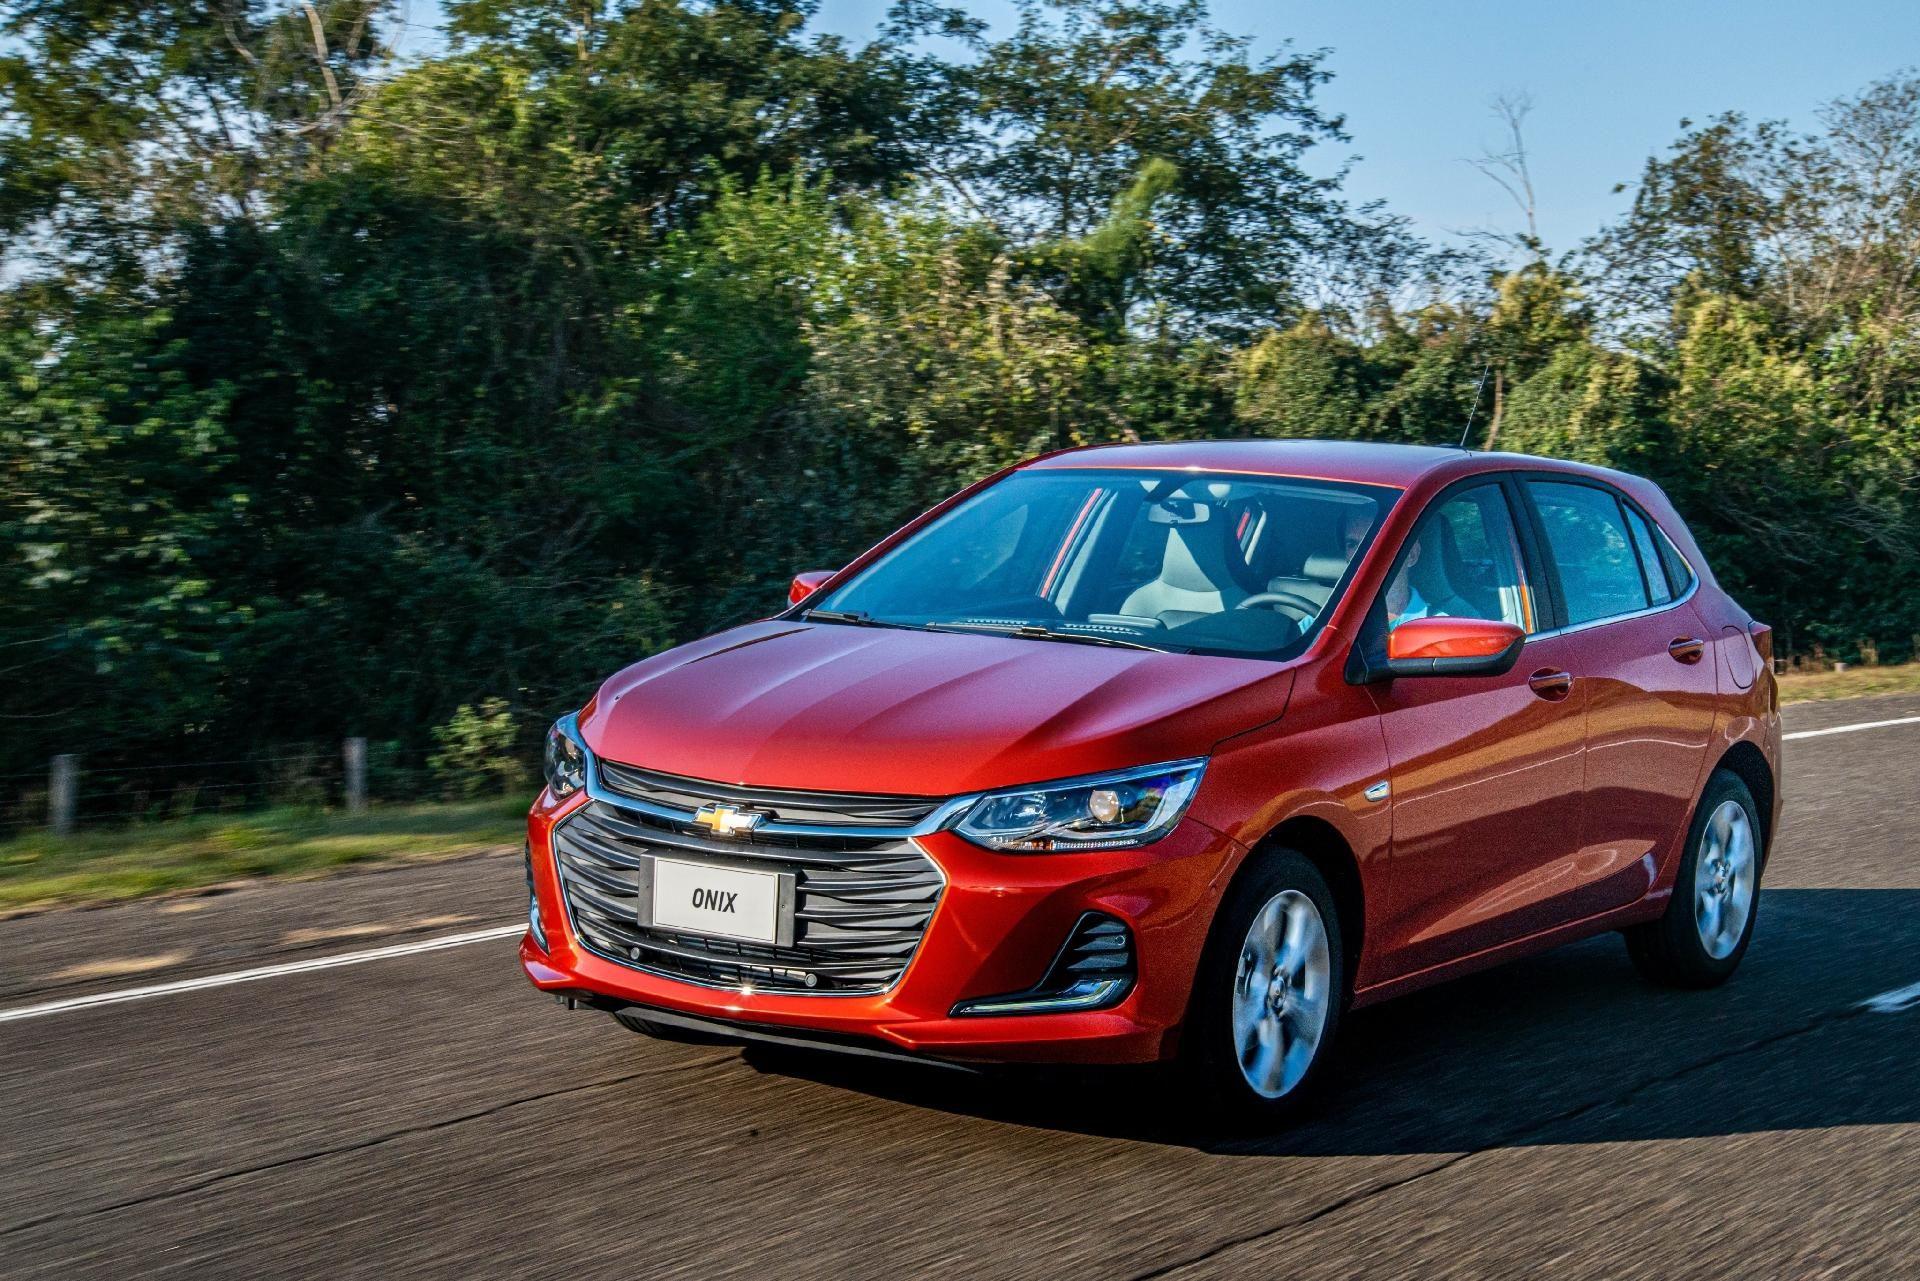 Novo Chevrolet Onix Veja Como E A 2ª Geracao Como Comprar Um Carro Carro Mais Vendido Vw Gol